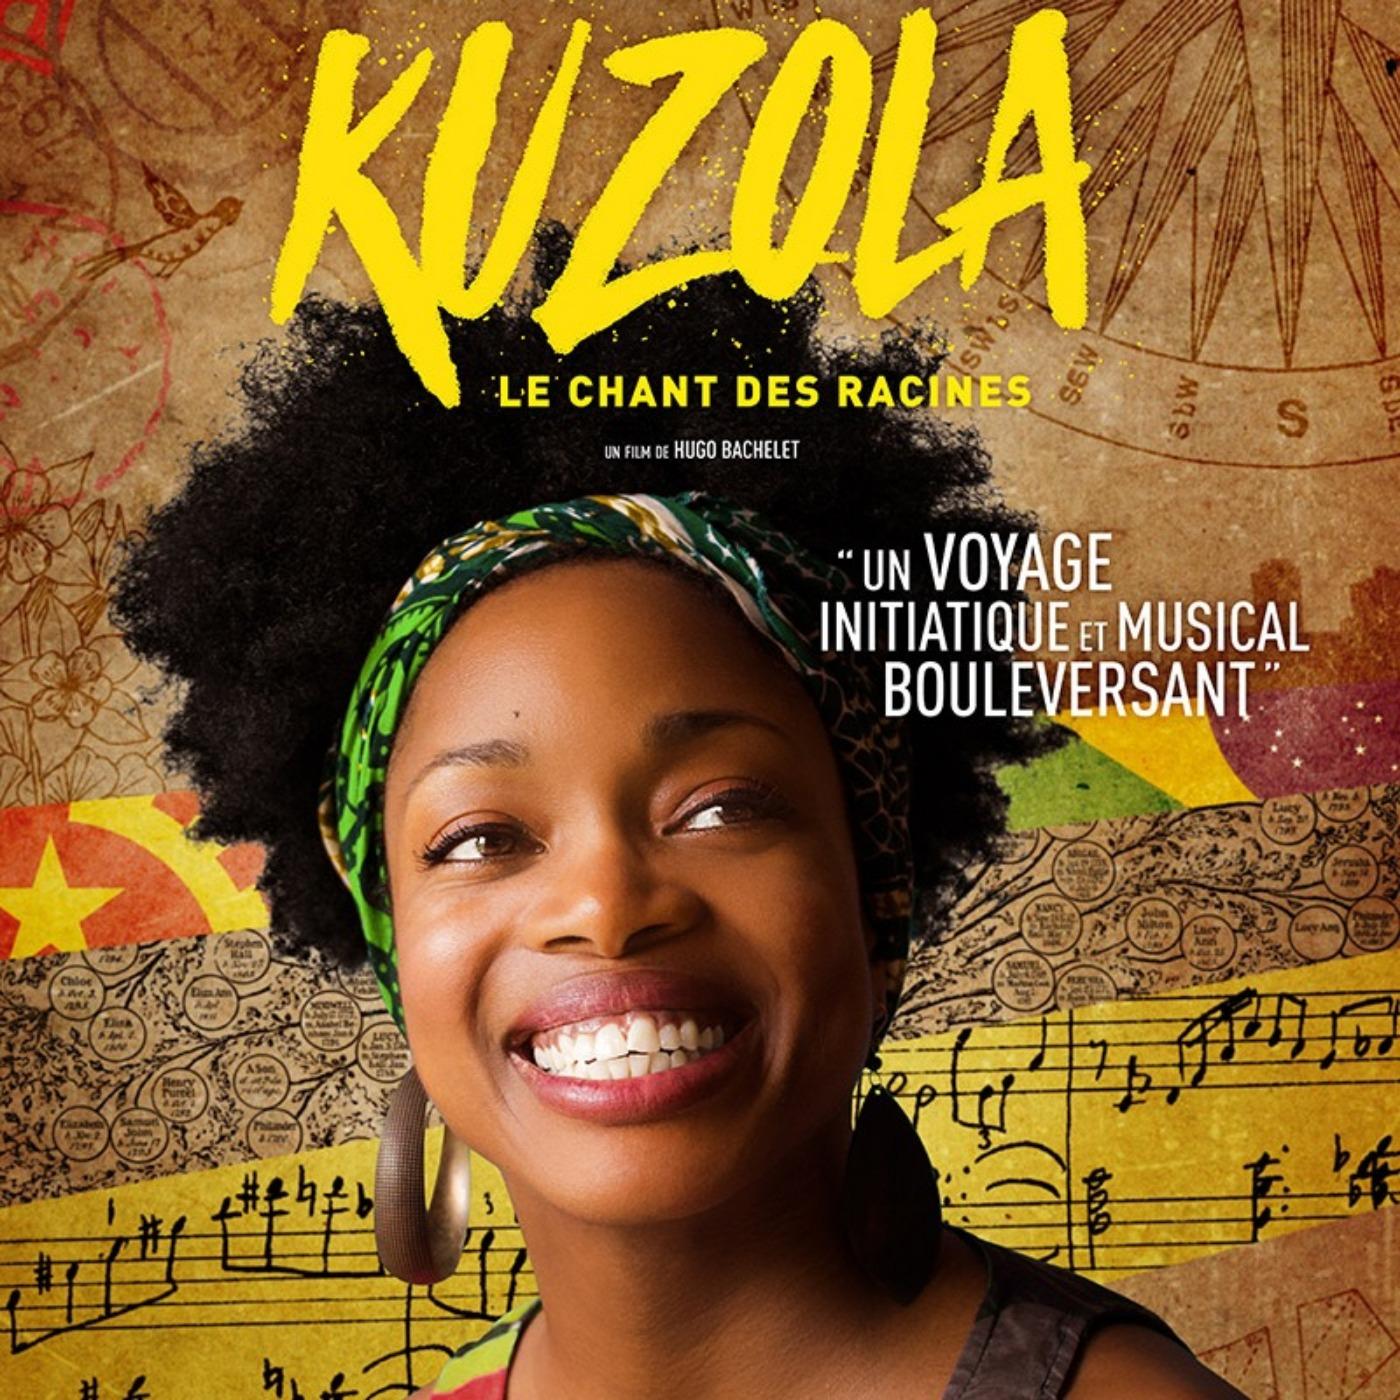 PODCAST CINEMA | INTERVIEW LUCIA DE CARVALHO ET HUGO BACHELET | Film Kuzola Le Chant Des Racines